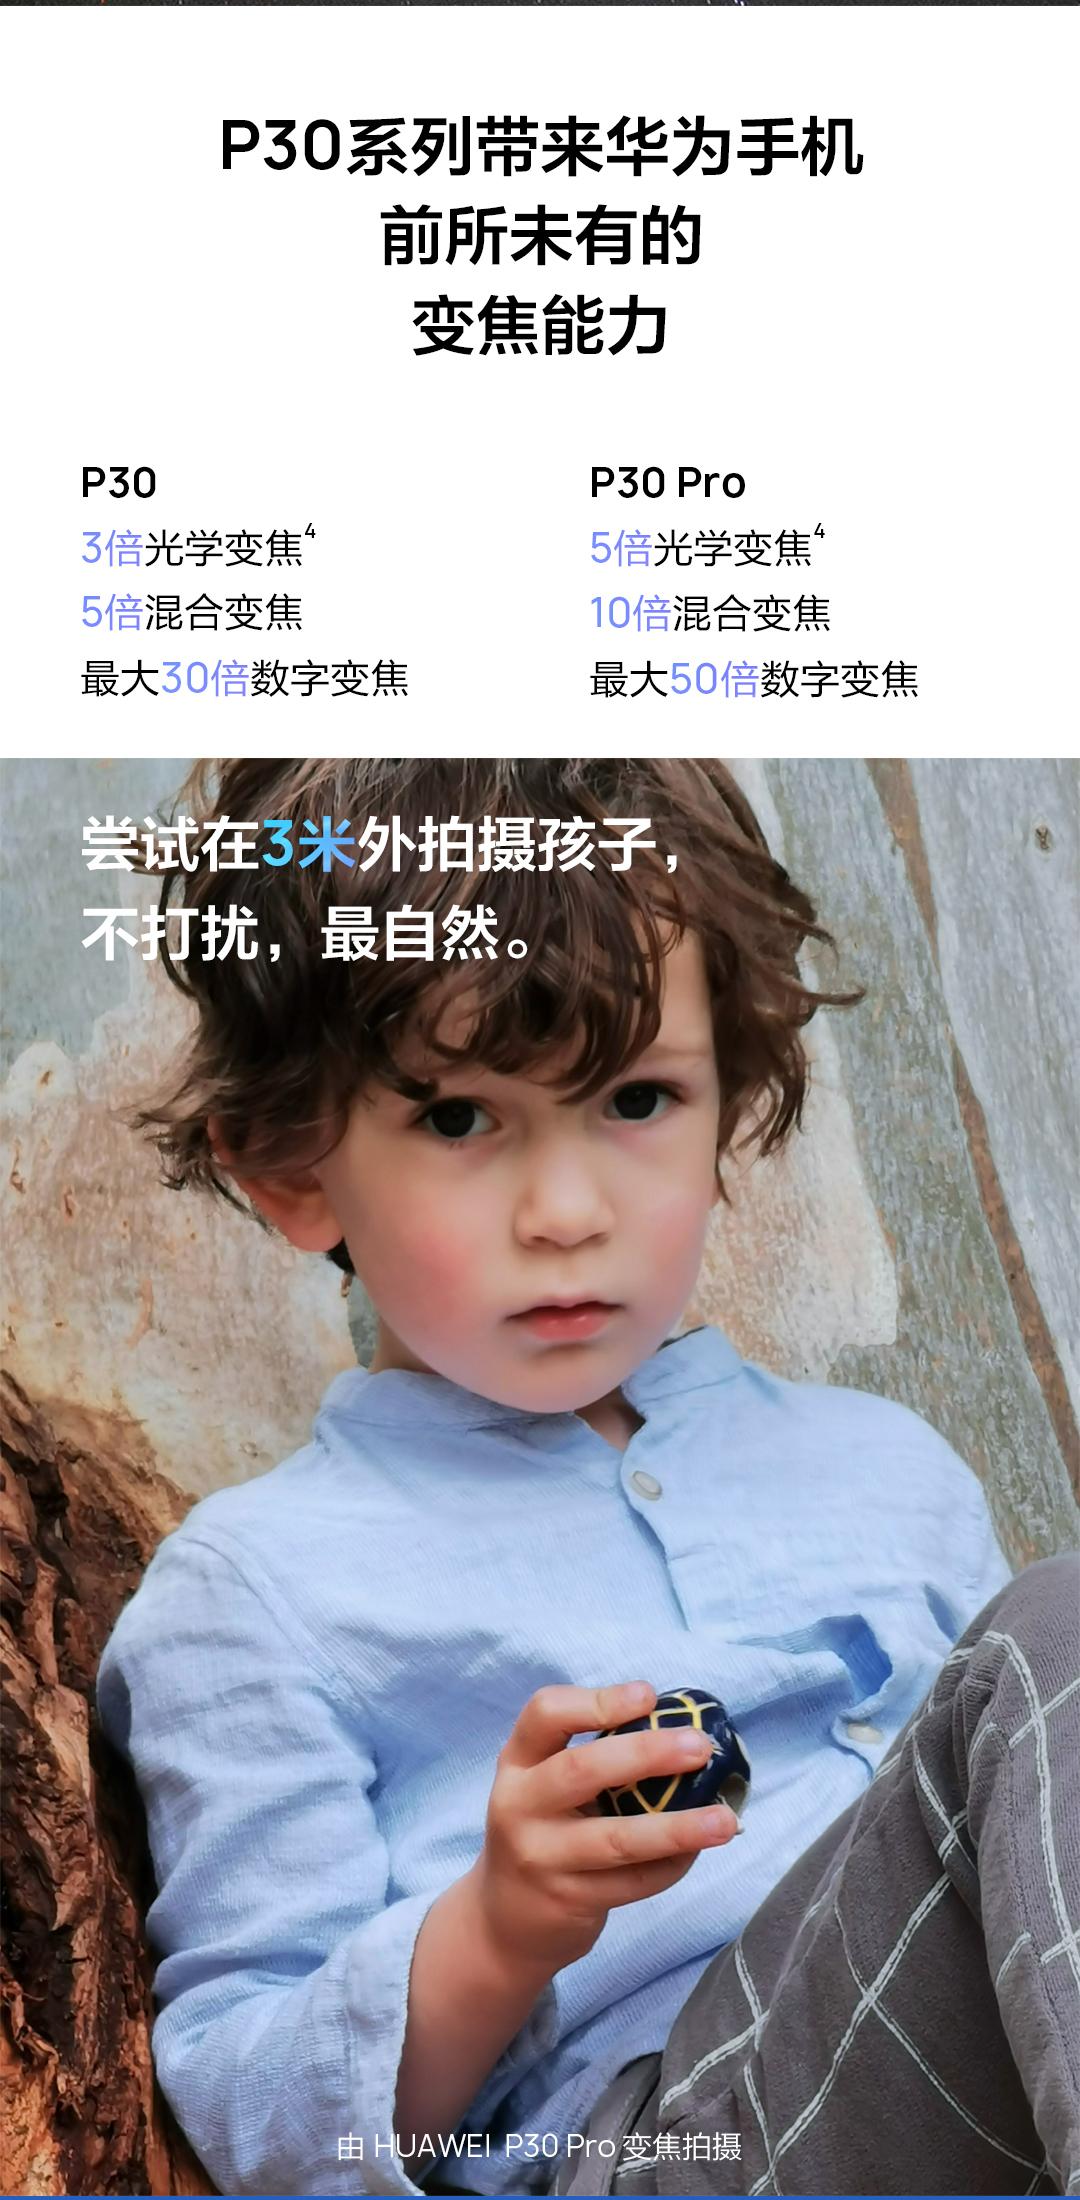 HUAWEI-P30中国区一张图_06.jpg